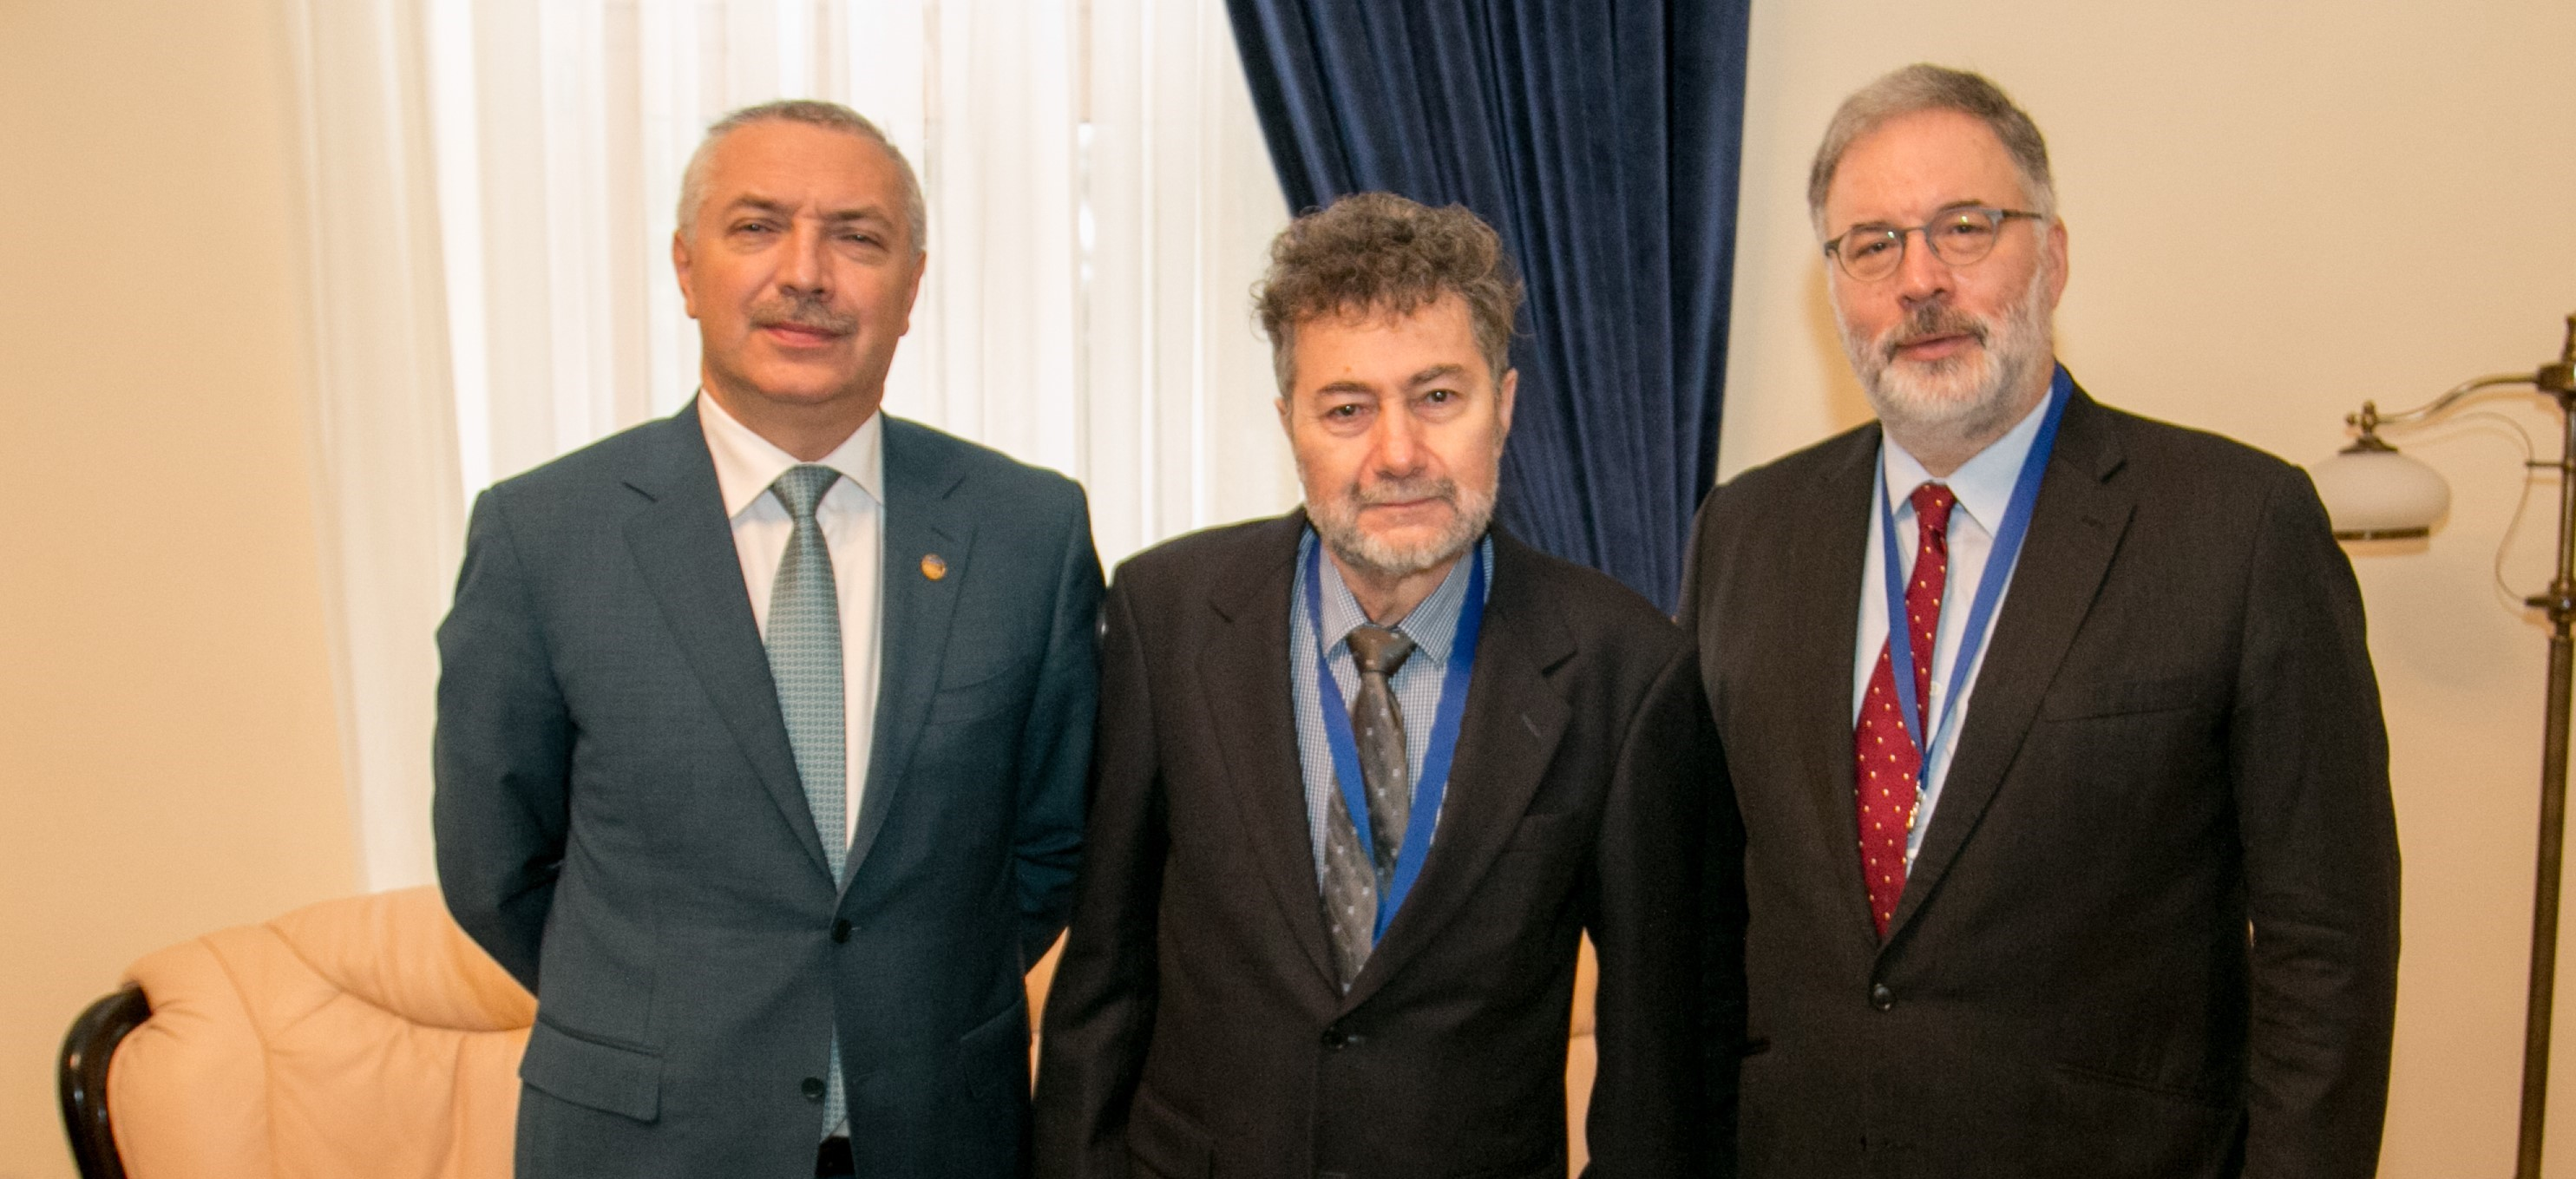 Cercetători de prestigiu din Australia, în vizită la UMFST Târgu Mureș